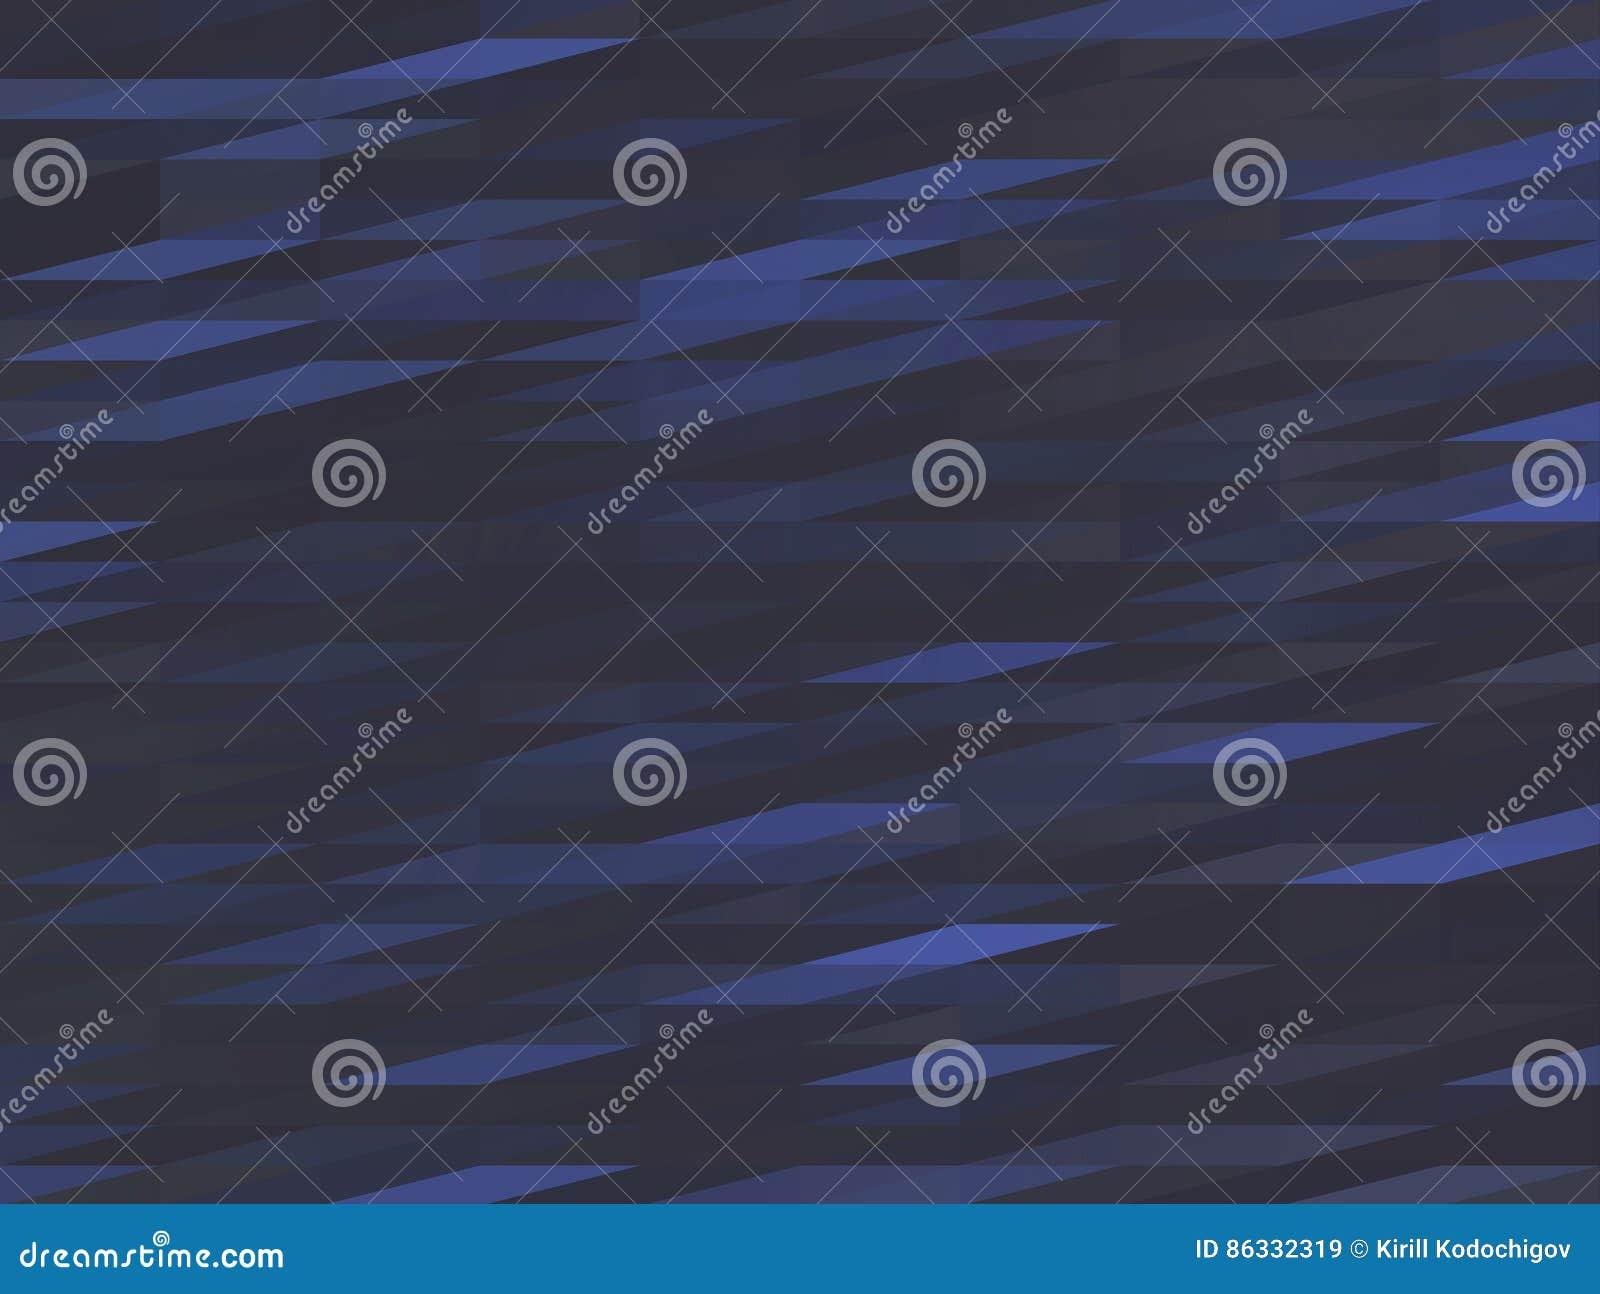 Dark blue low-poly background, polygonal triangular grey wave